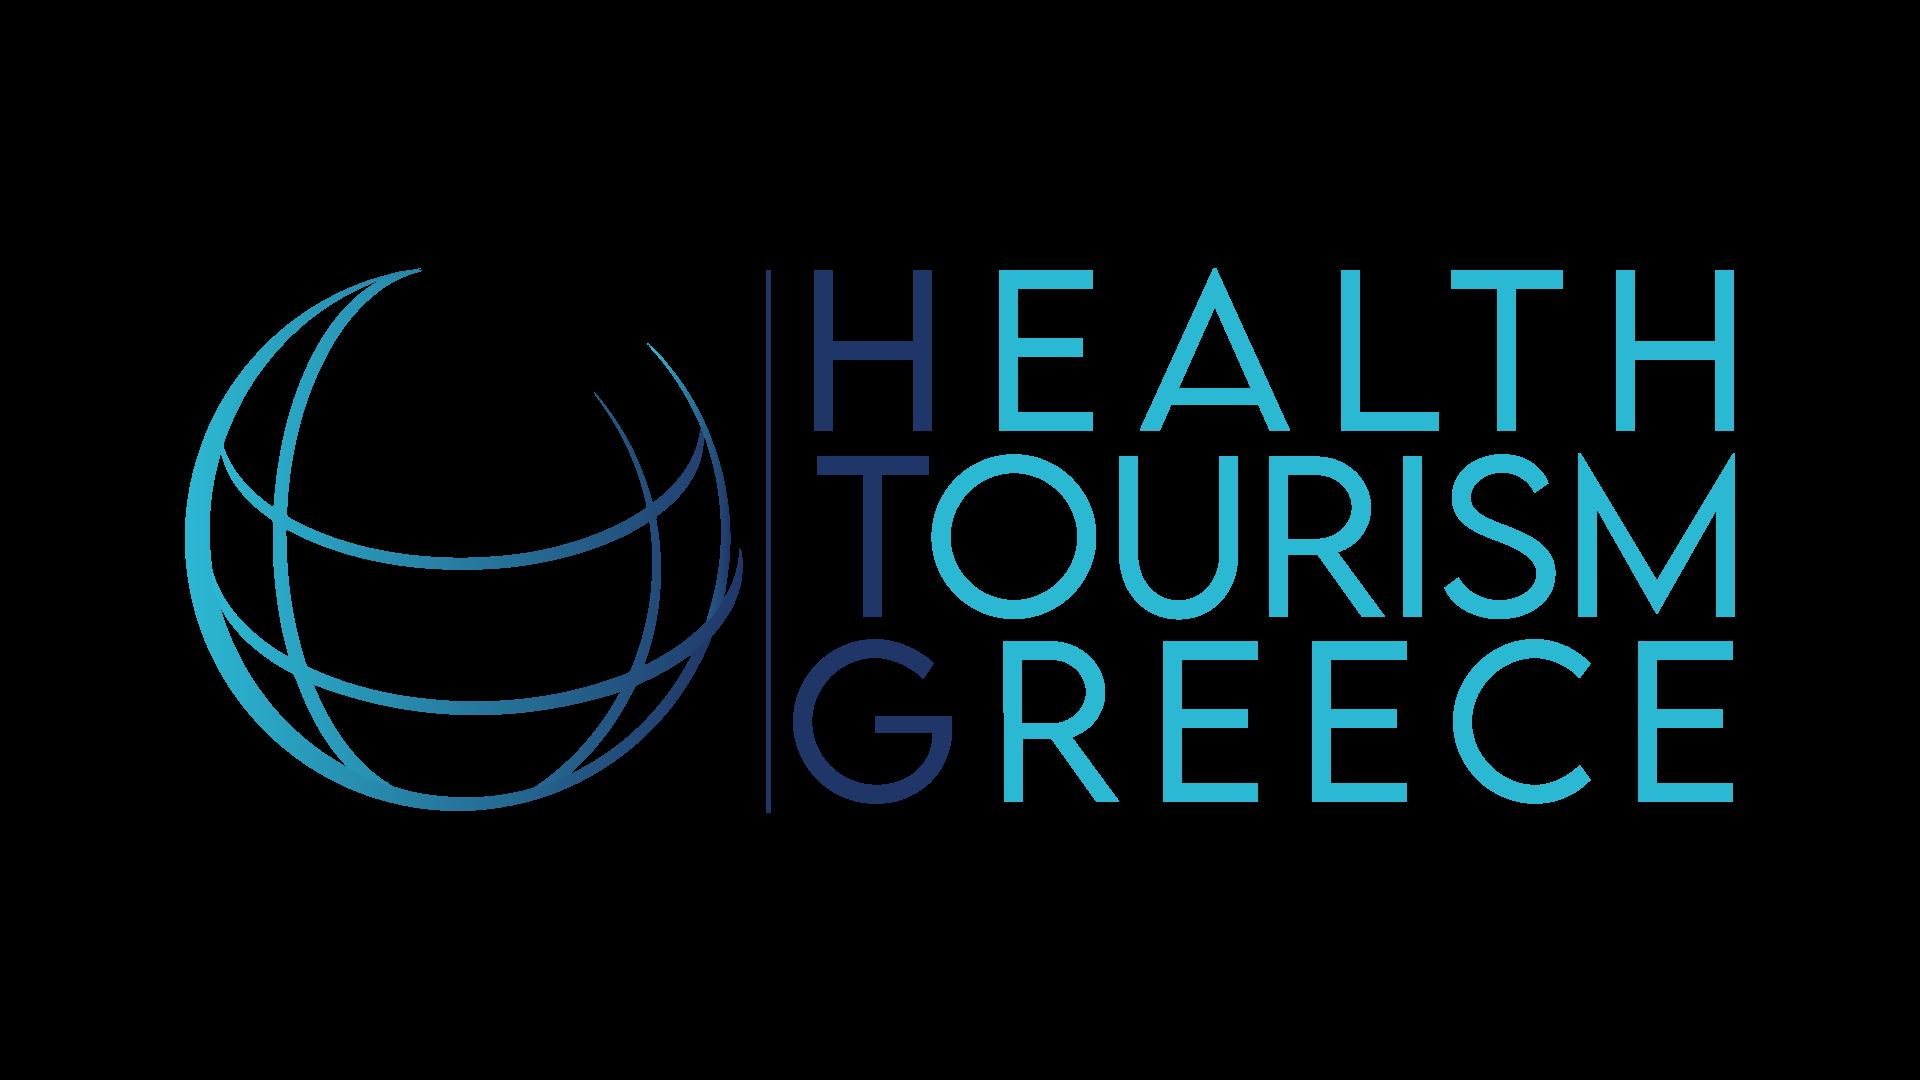 Health Tourism Greece